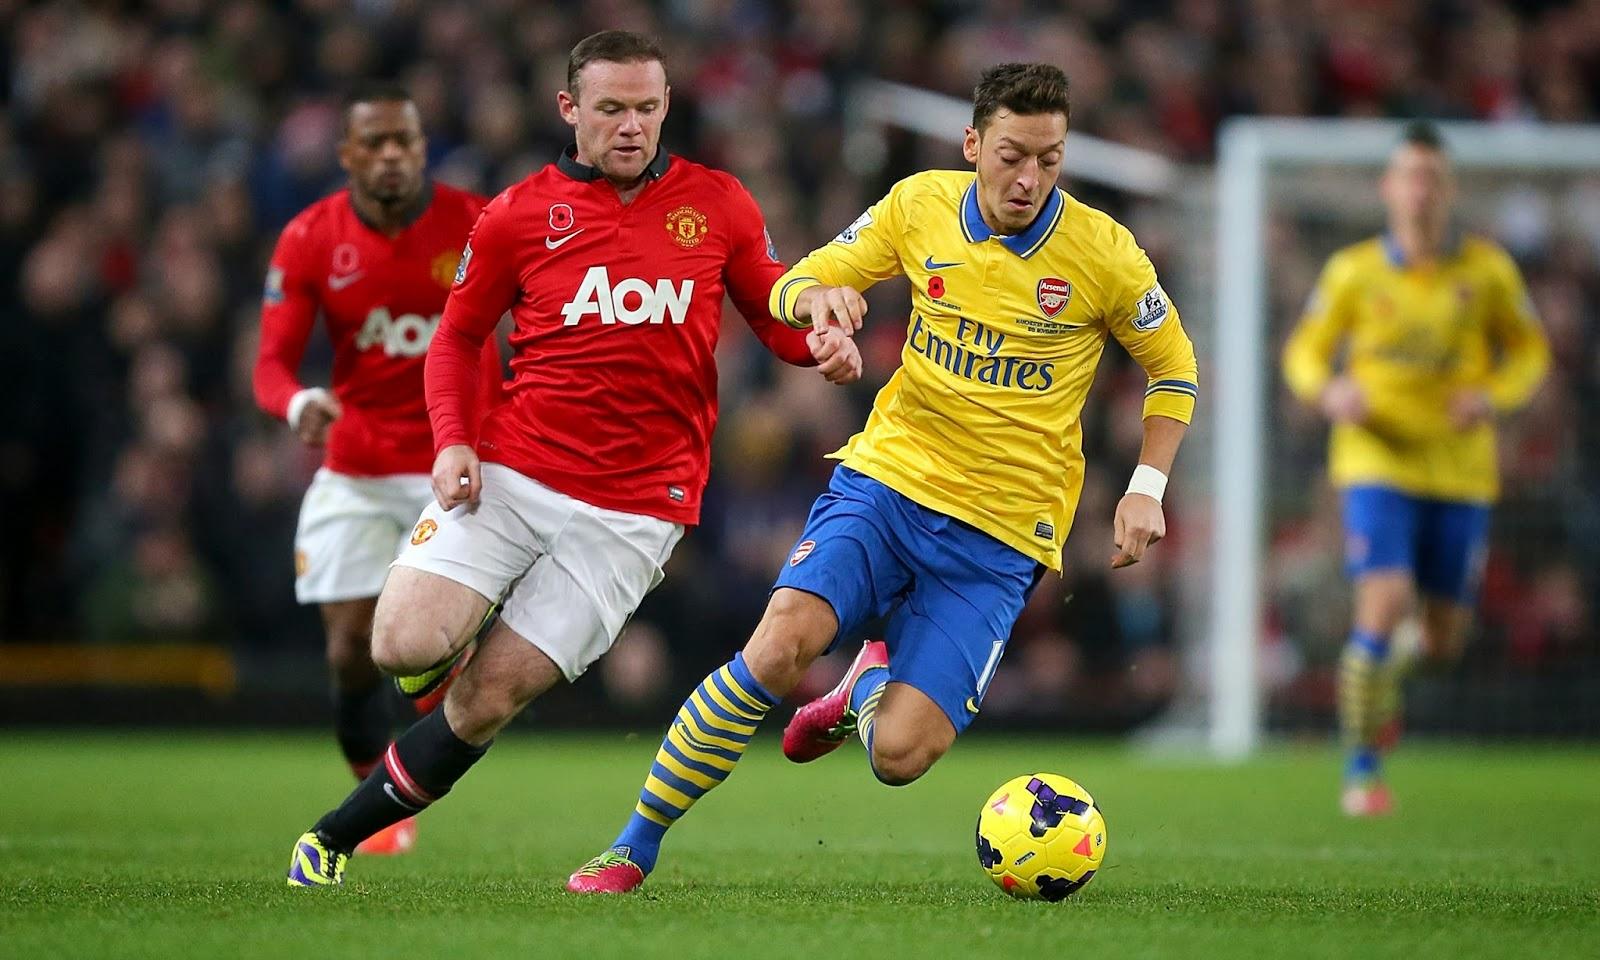 Arsenal Fc Prediksi Skor Arsenal Vs Manchester United 13